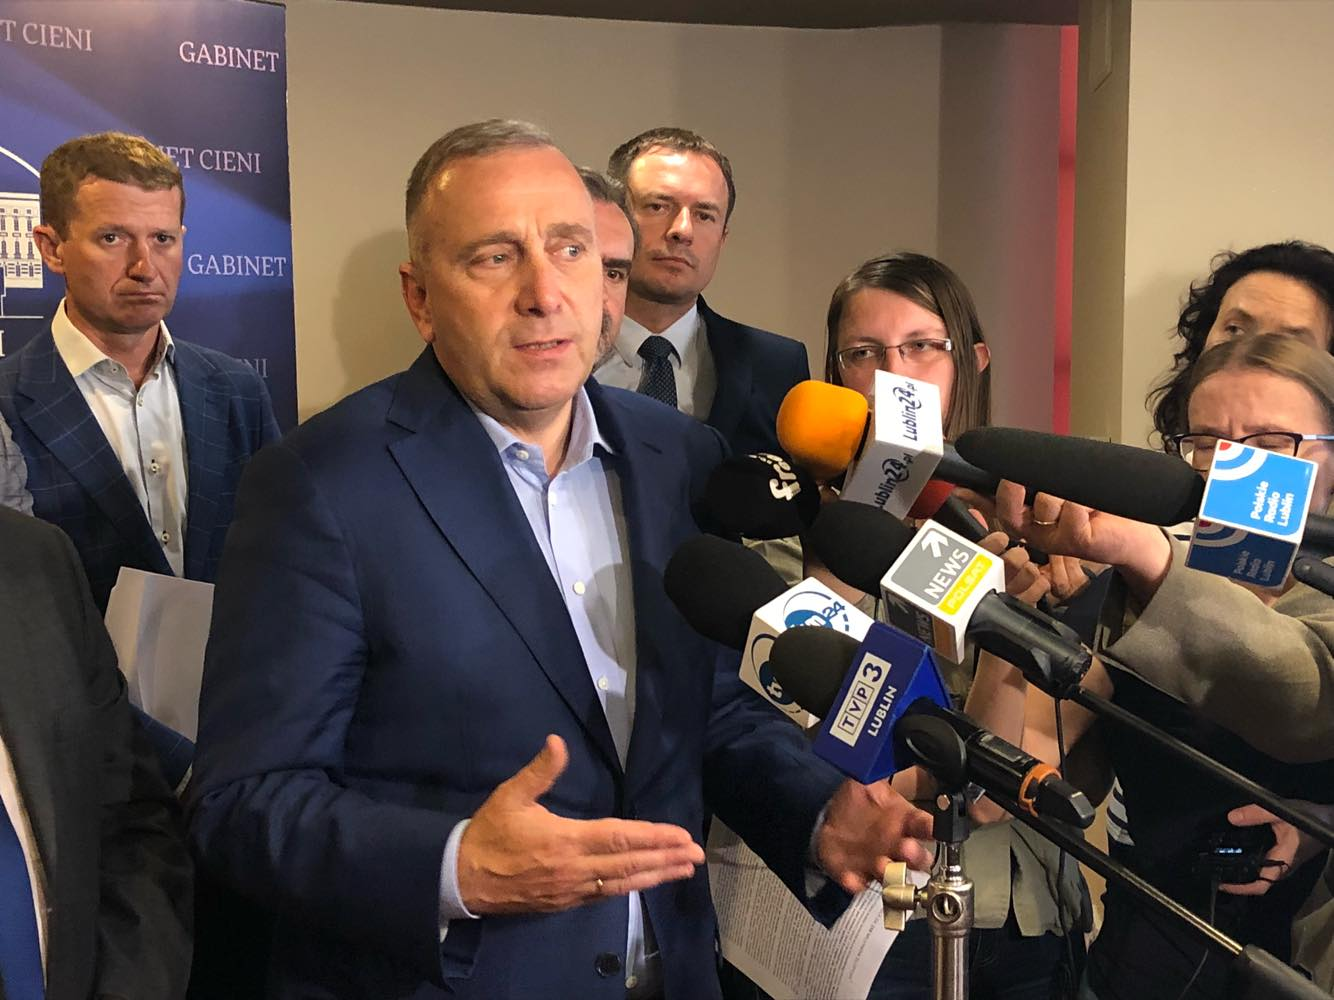 Gabinet cieni Platformy Obywatelskiej obradował w Lublinie